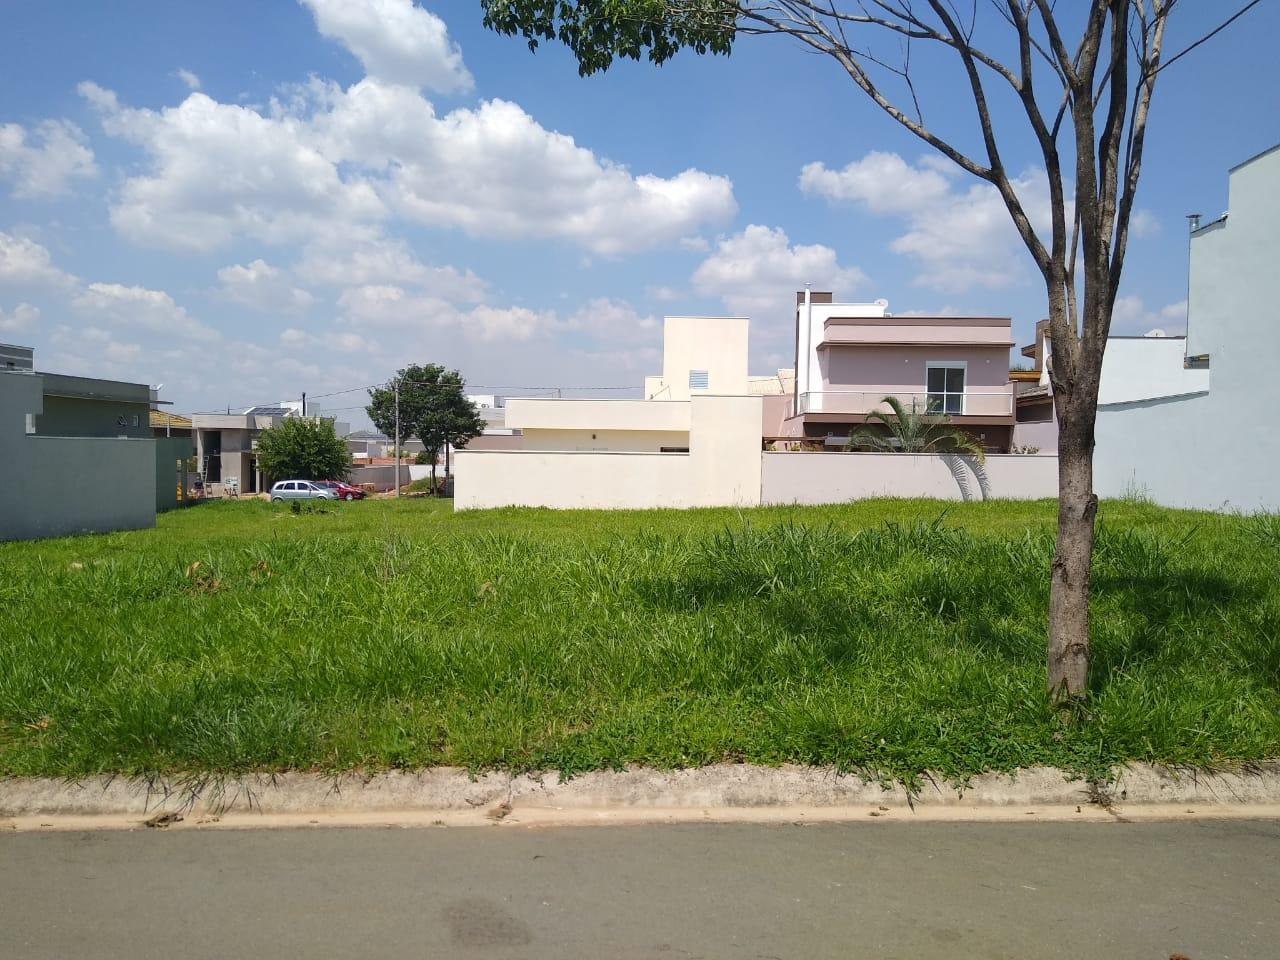 Terreno à venda, 250 m² por R$ 159.000 - Condomínio Jardim de Mônaco - Hortolândia/SP